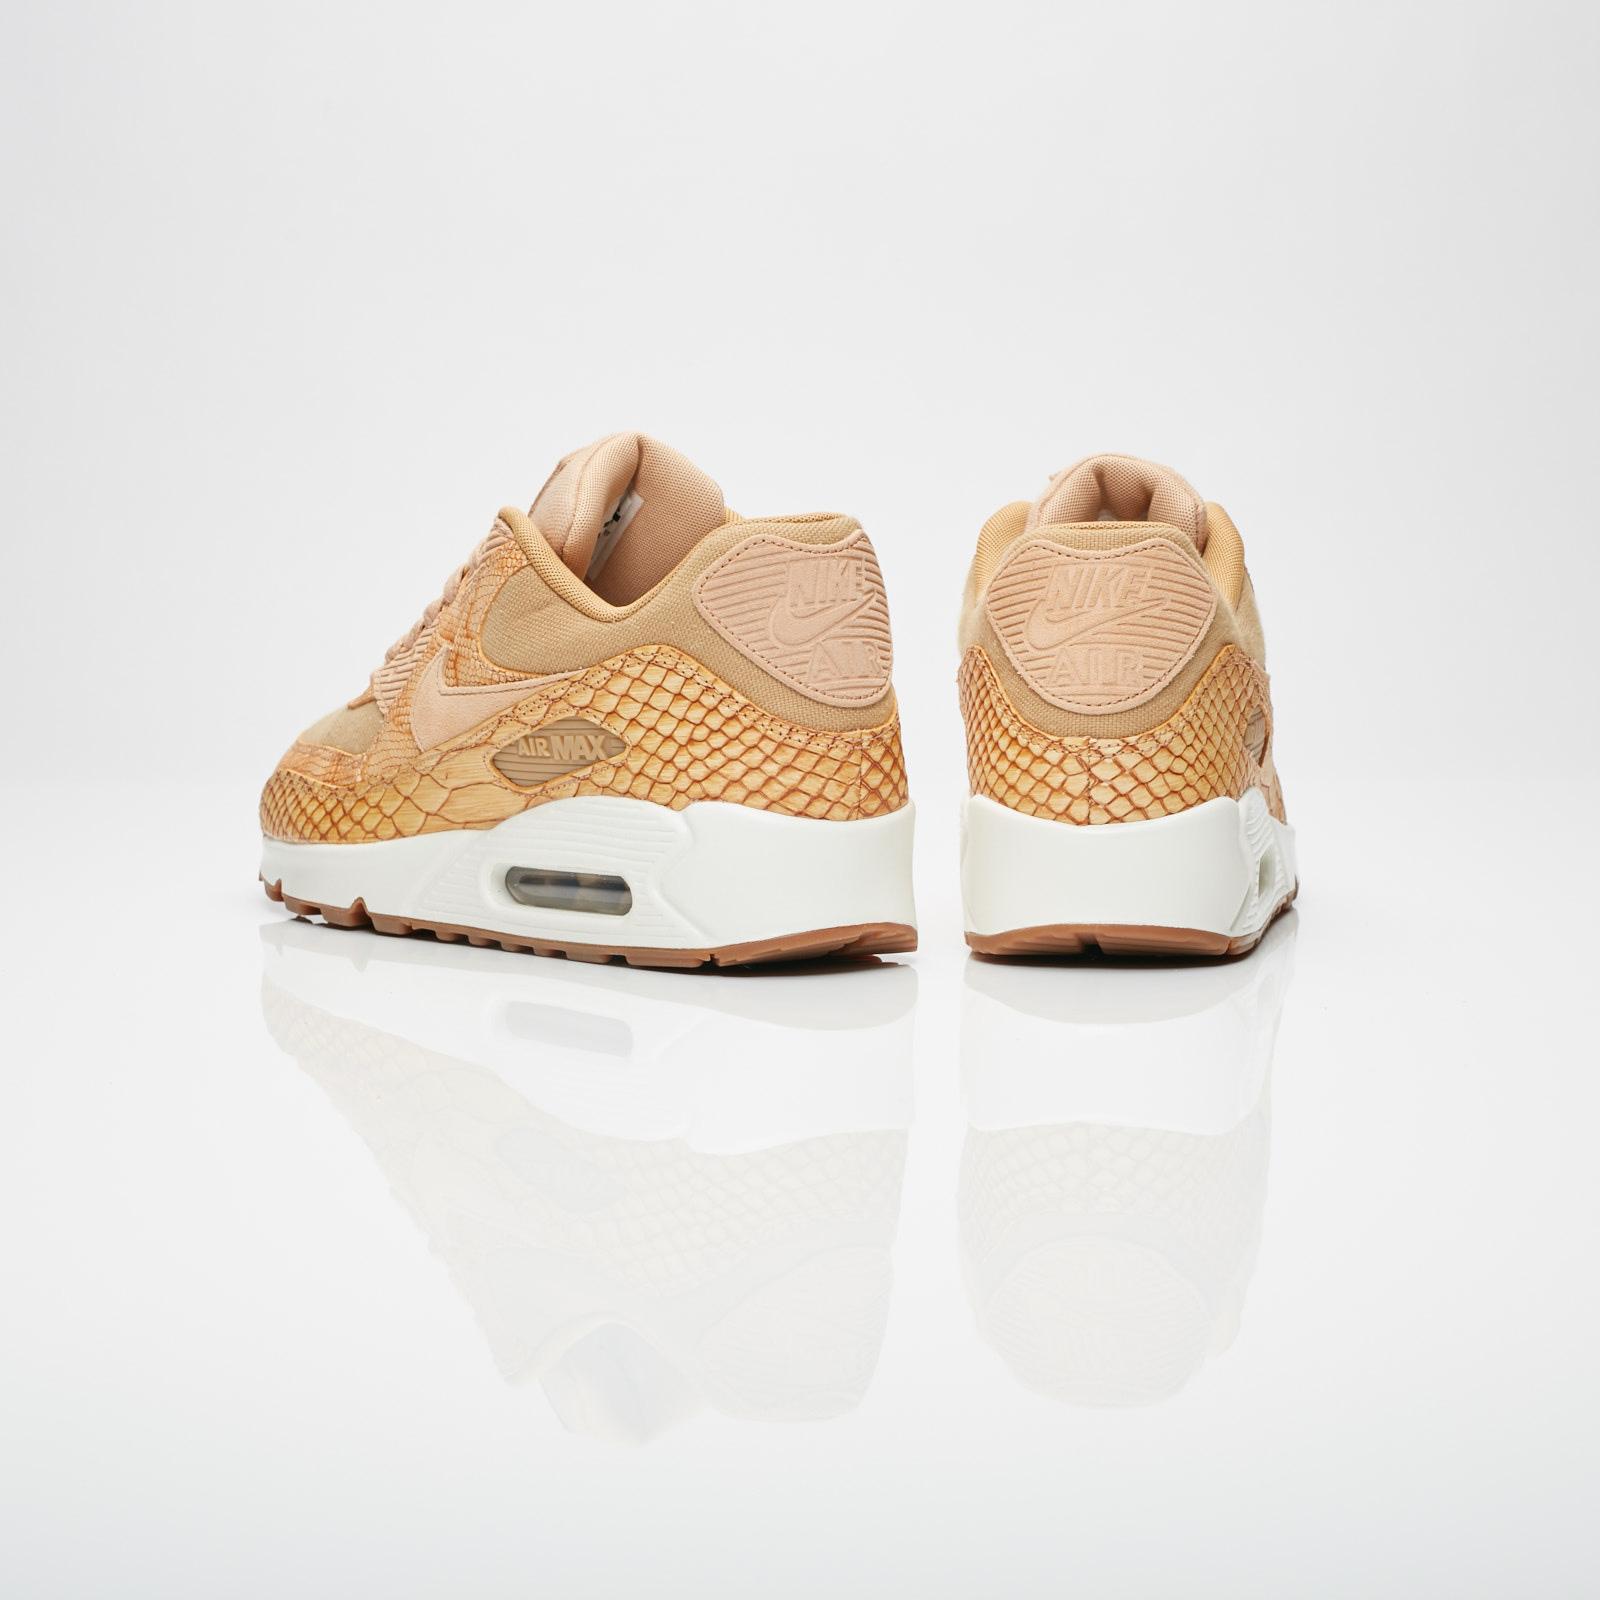 Nike Air Max 90 Premium Ltr Ah8046 200 Sneakersnstuff